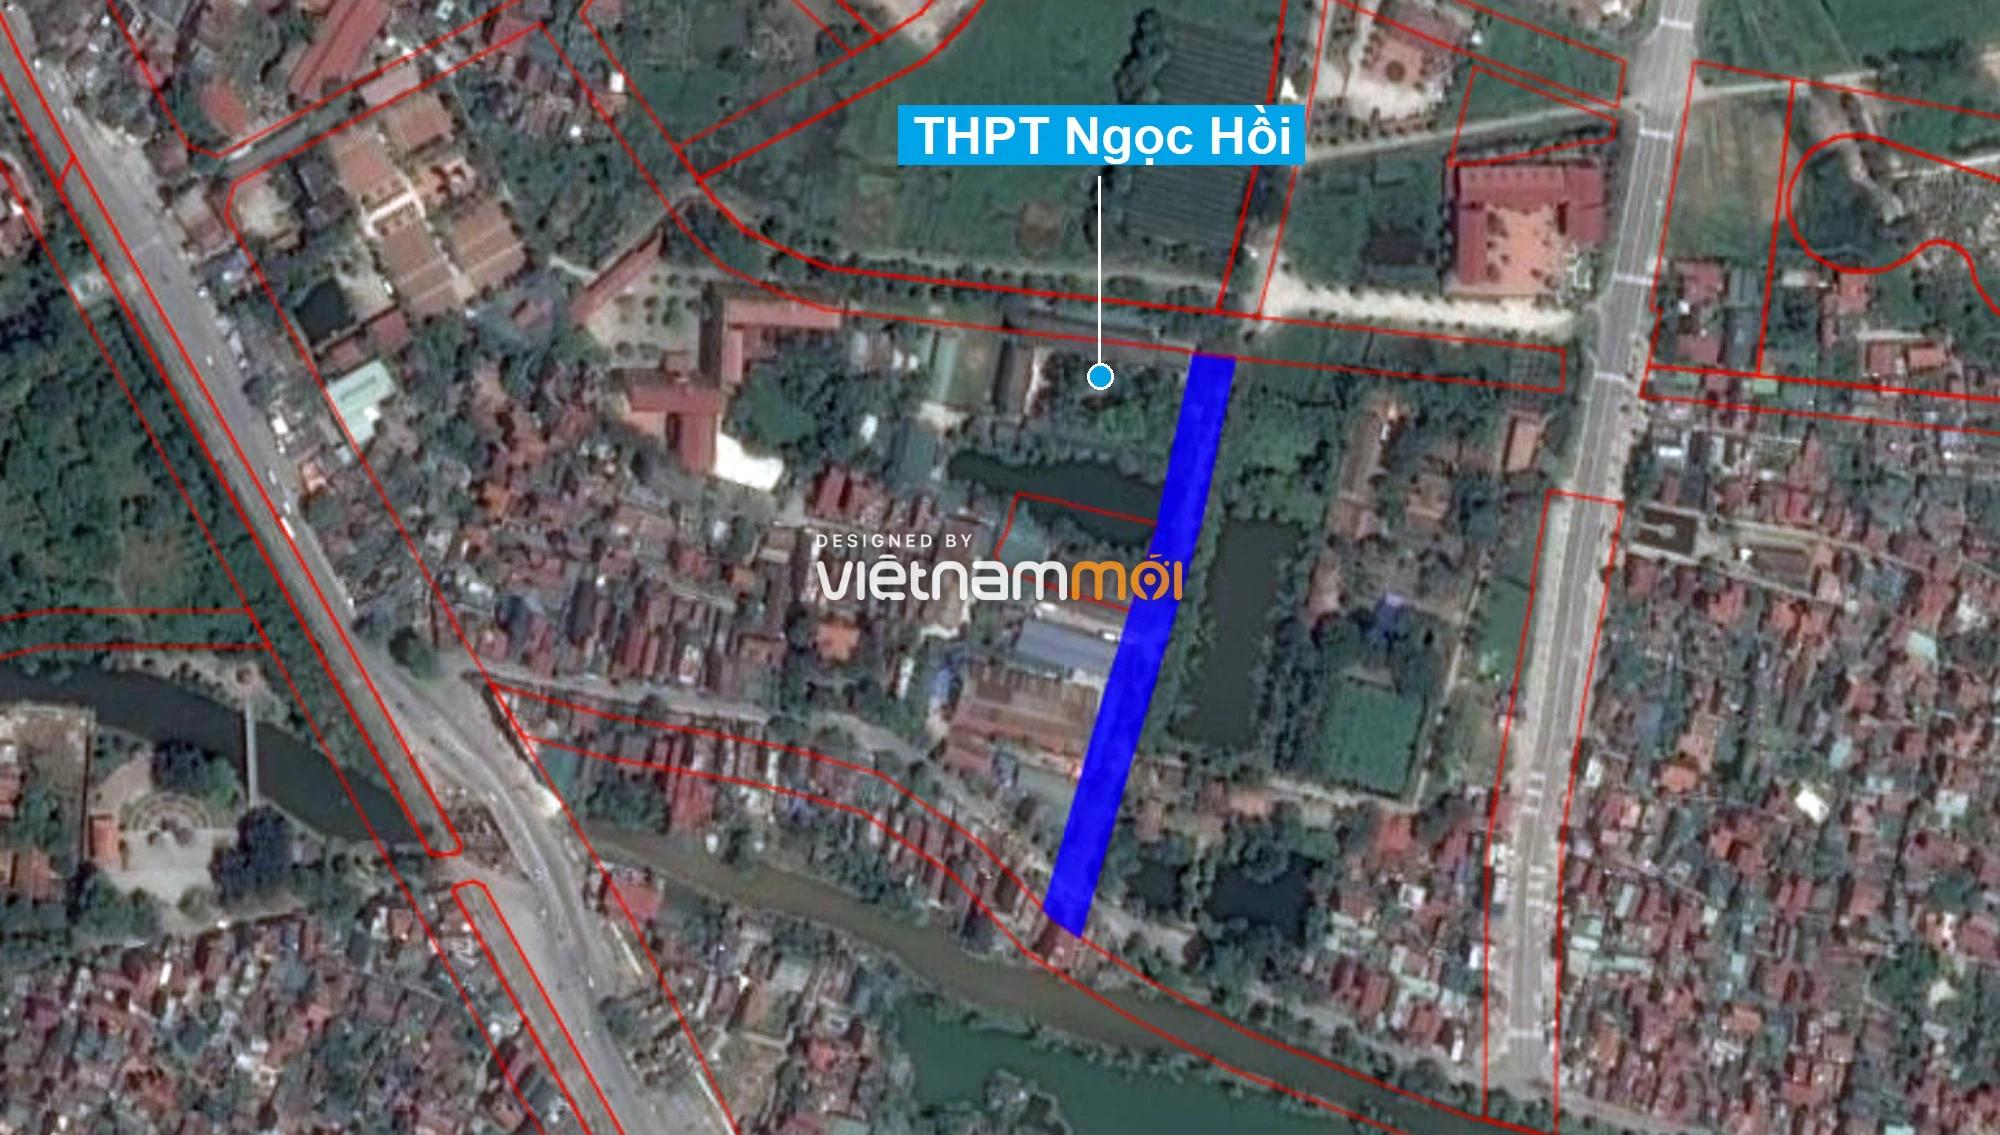 Những khu đất sắp thu hồi để mở đường ở xã Ngũ Hiệp, Thanh Trì, Hà Nội (phần 2) - Ảnh 16.